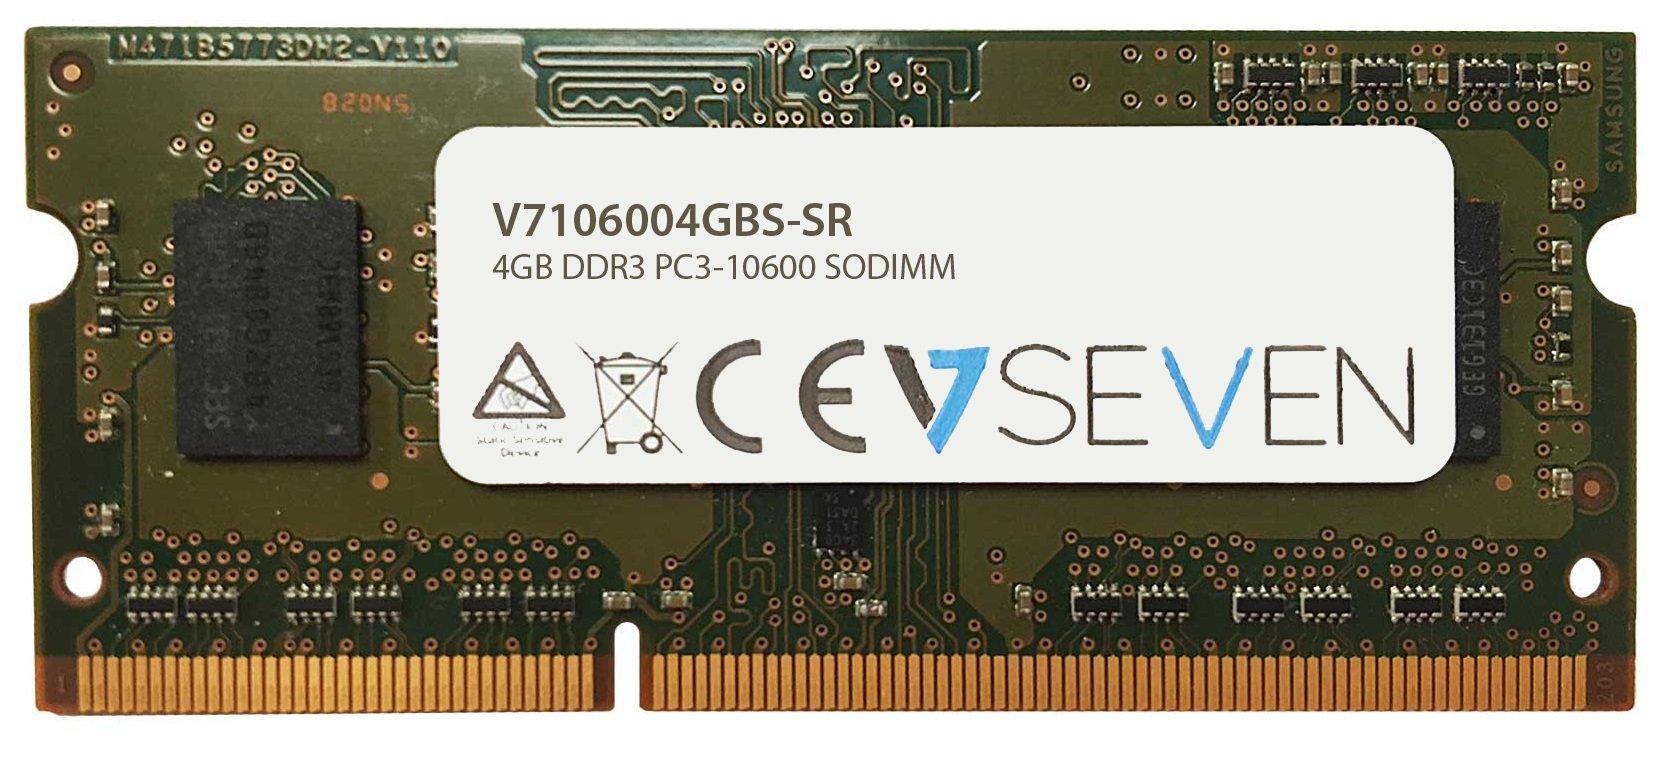 Memoria Ram 4GB DDR3 1333MHZ PC3-10600 SODIMM V7